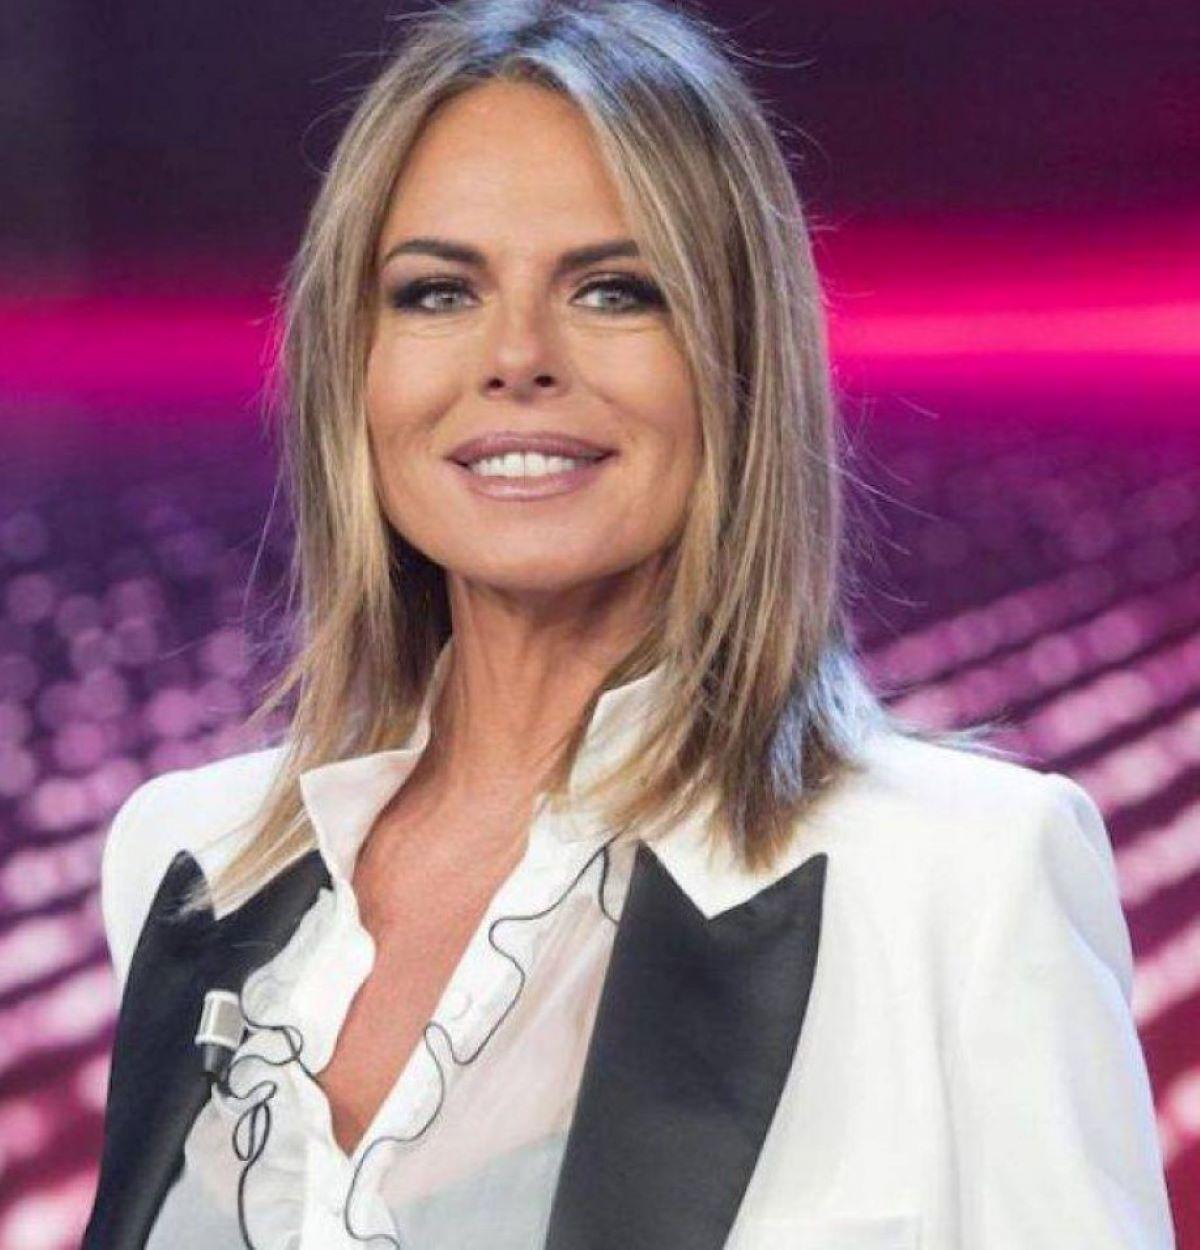 Paola Perego Annuncio Nonna Seconda Volta Incinta Figlia Giulia Carnevale